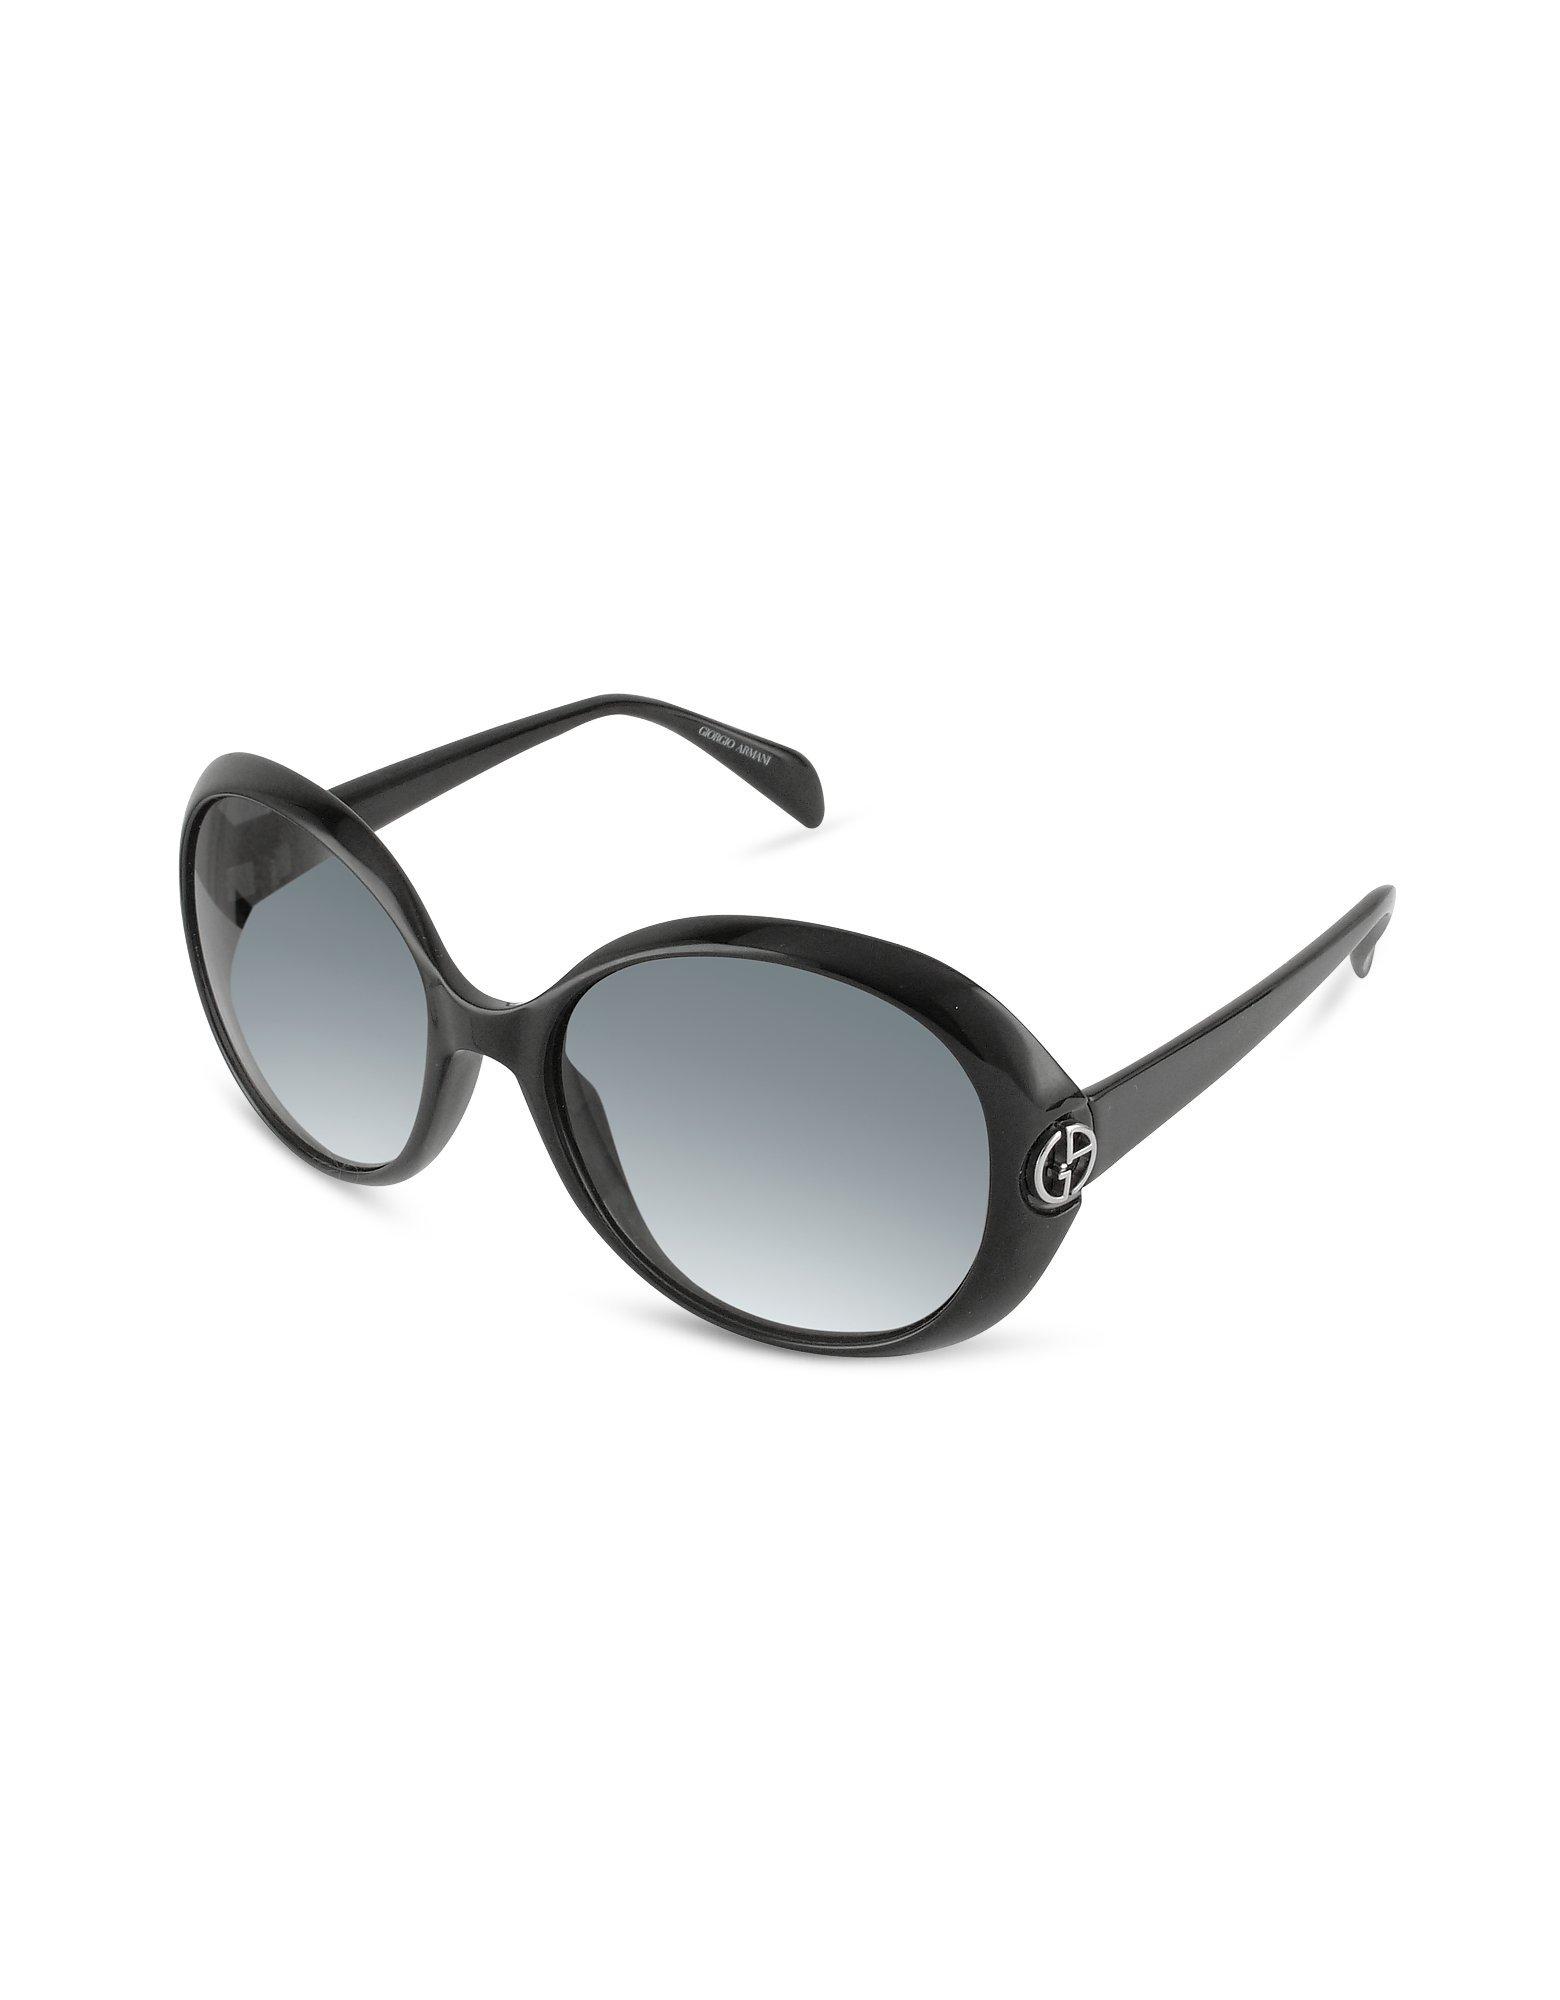 Giorgio armani Logo Round Sunglasses in Black | Lyst